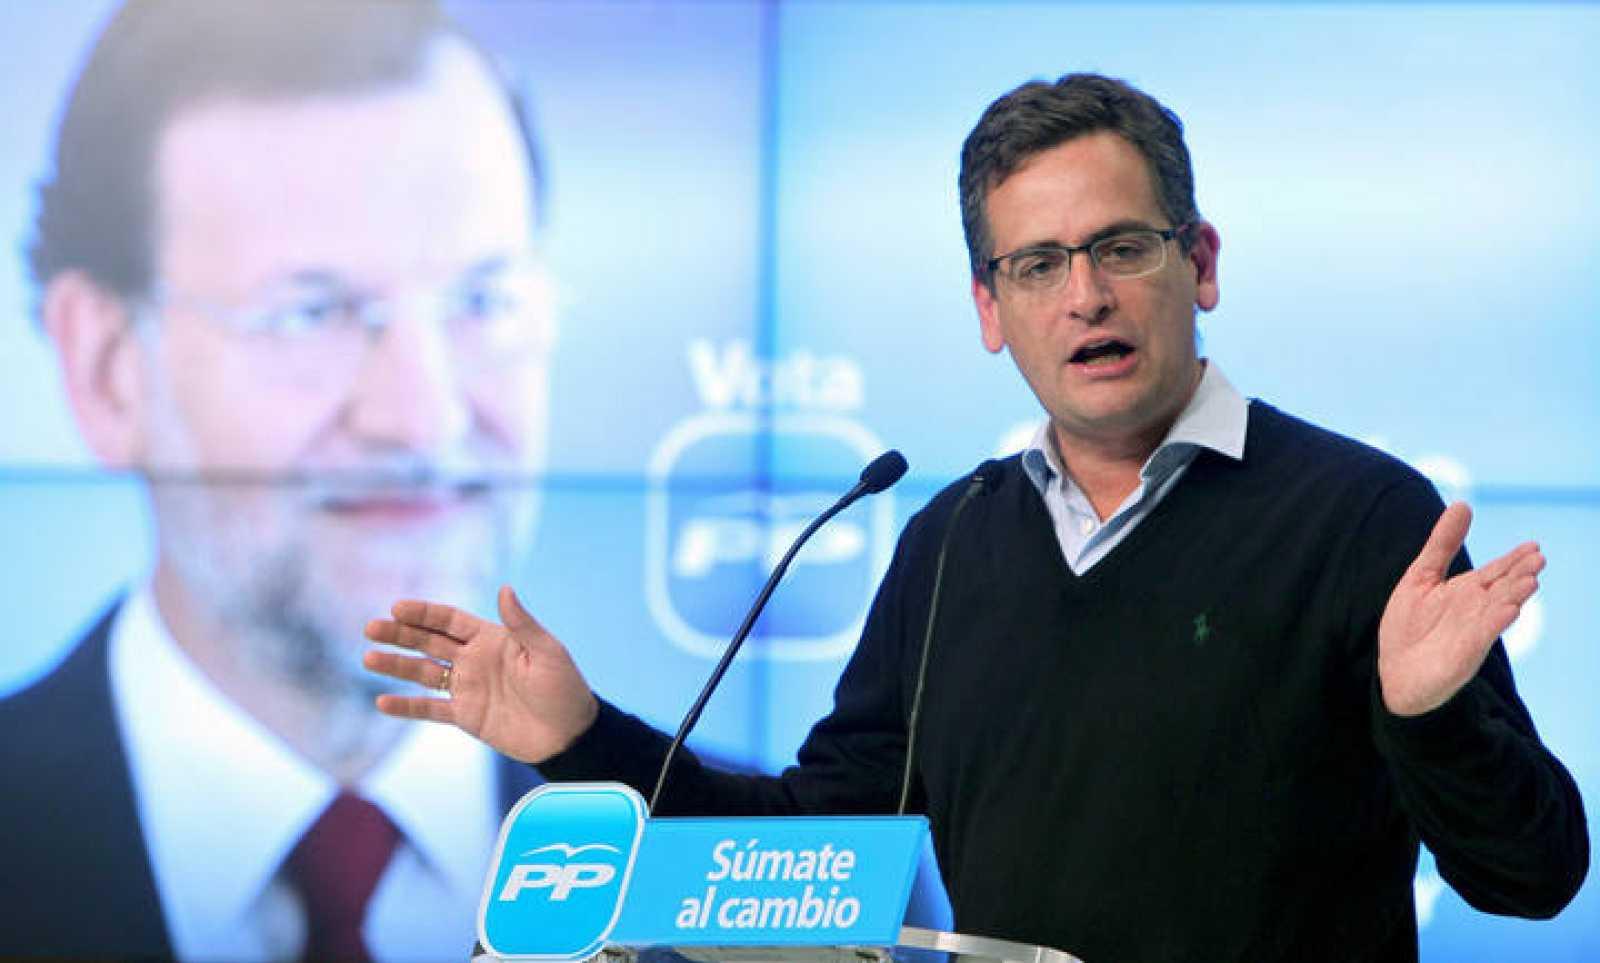 El presidente del PP vasco, Antonio Basagoiti, durante un mitin en el Kursaal en San Sebastián.